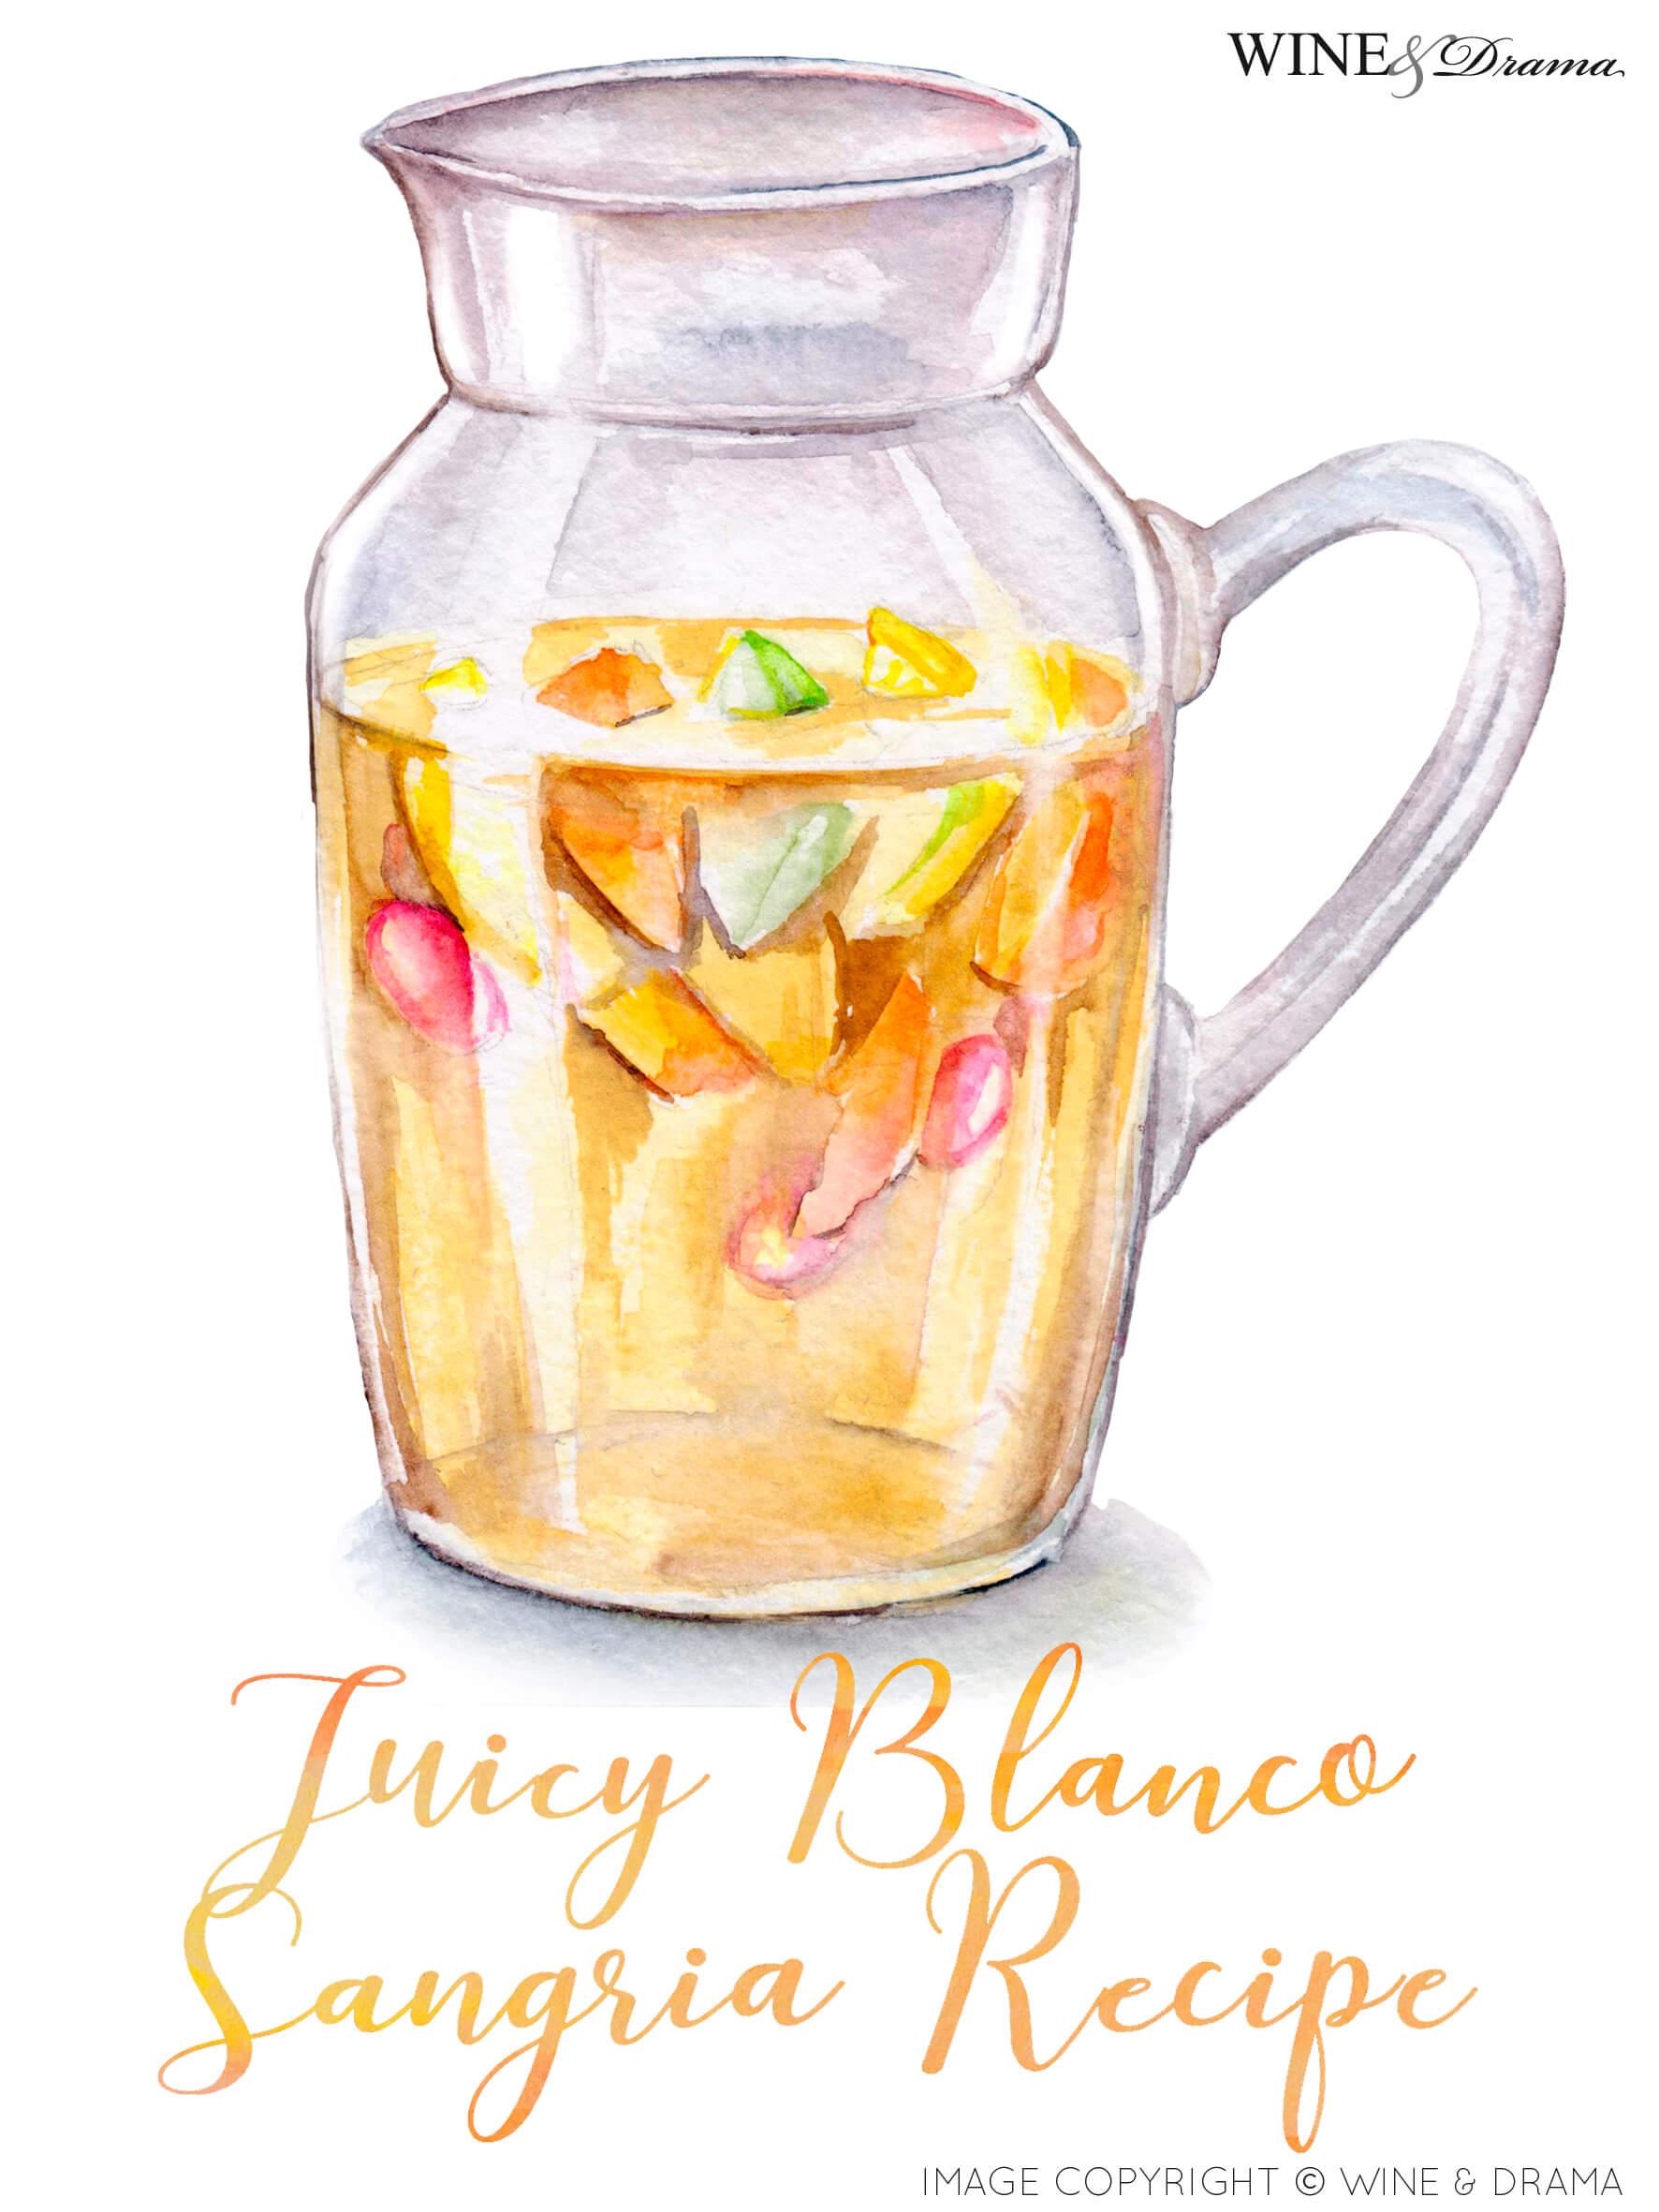 Juicy Blanco Sangria Recipe